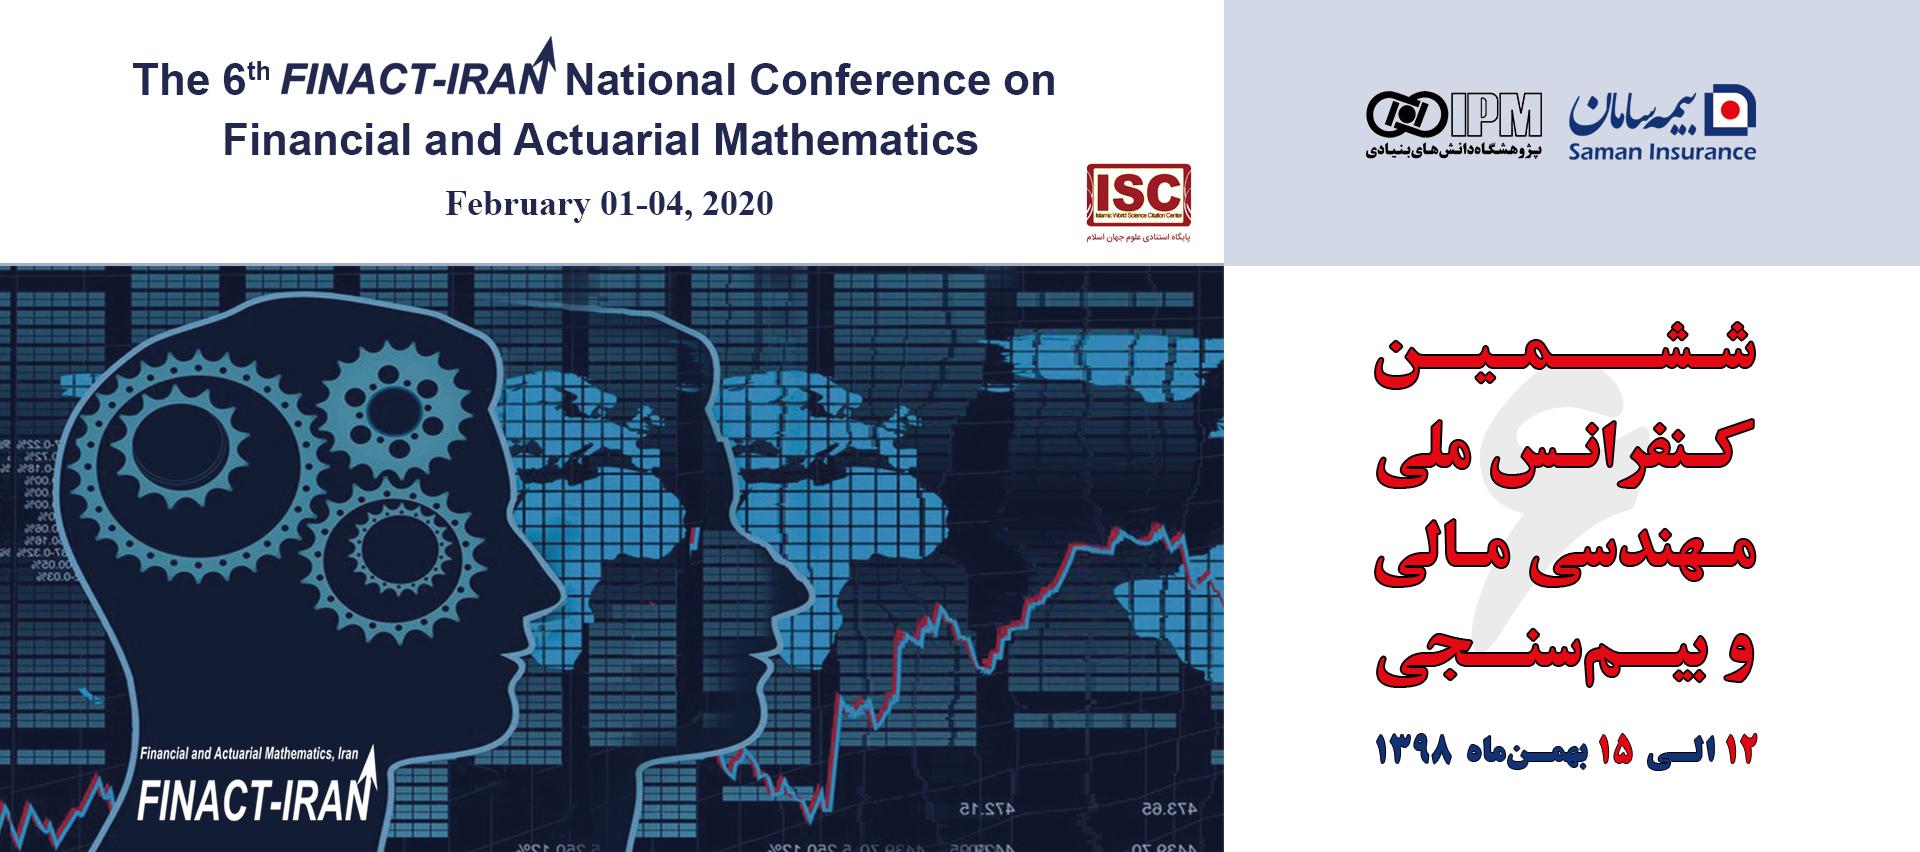 ششمین کنفرانس مهندسی مالی و بیمسنجی